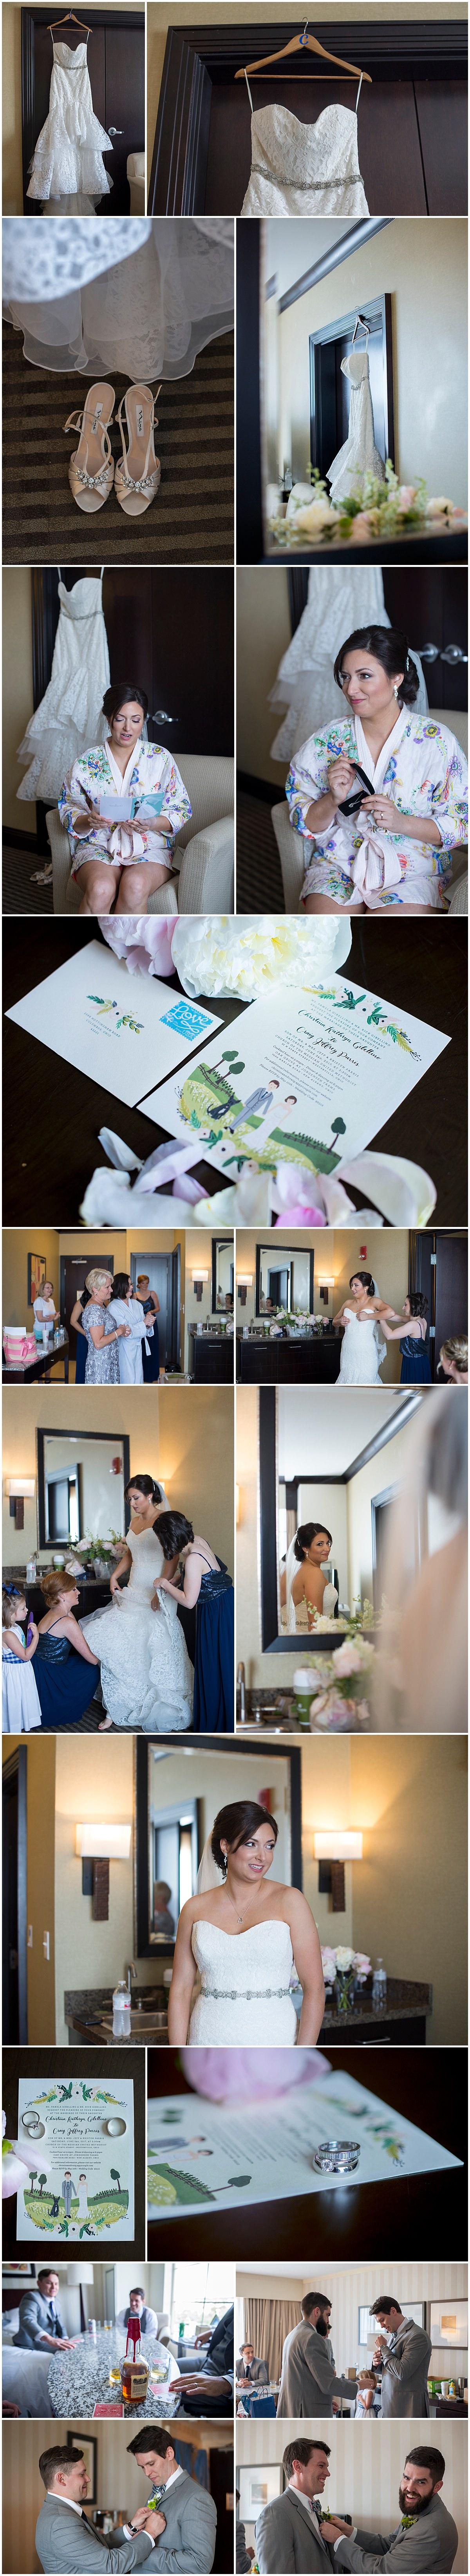 Polaris Hilton bride getting ready Columbus ohio